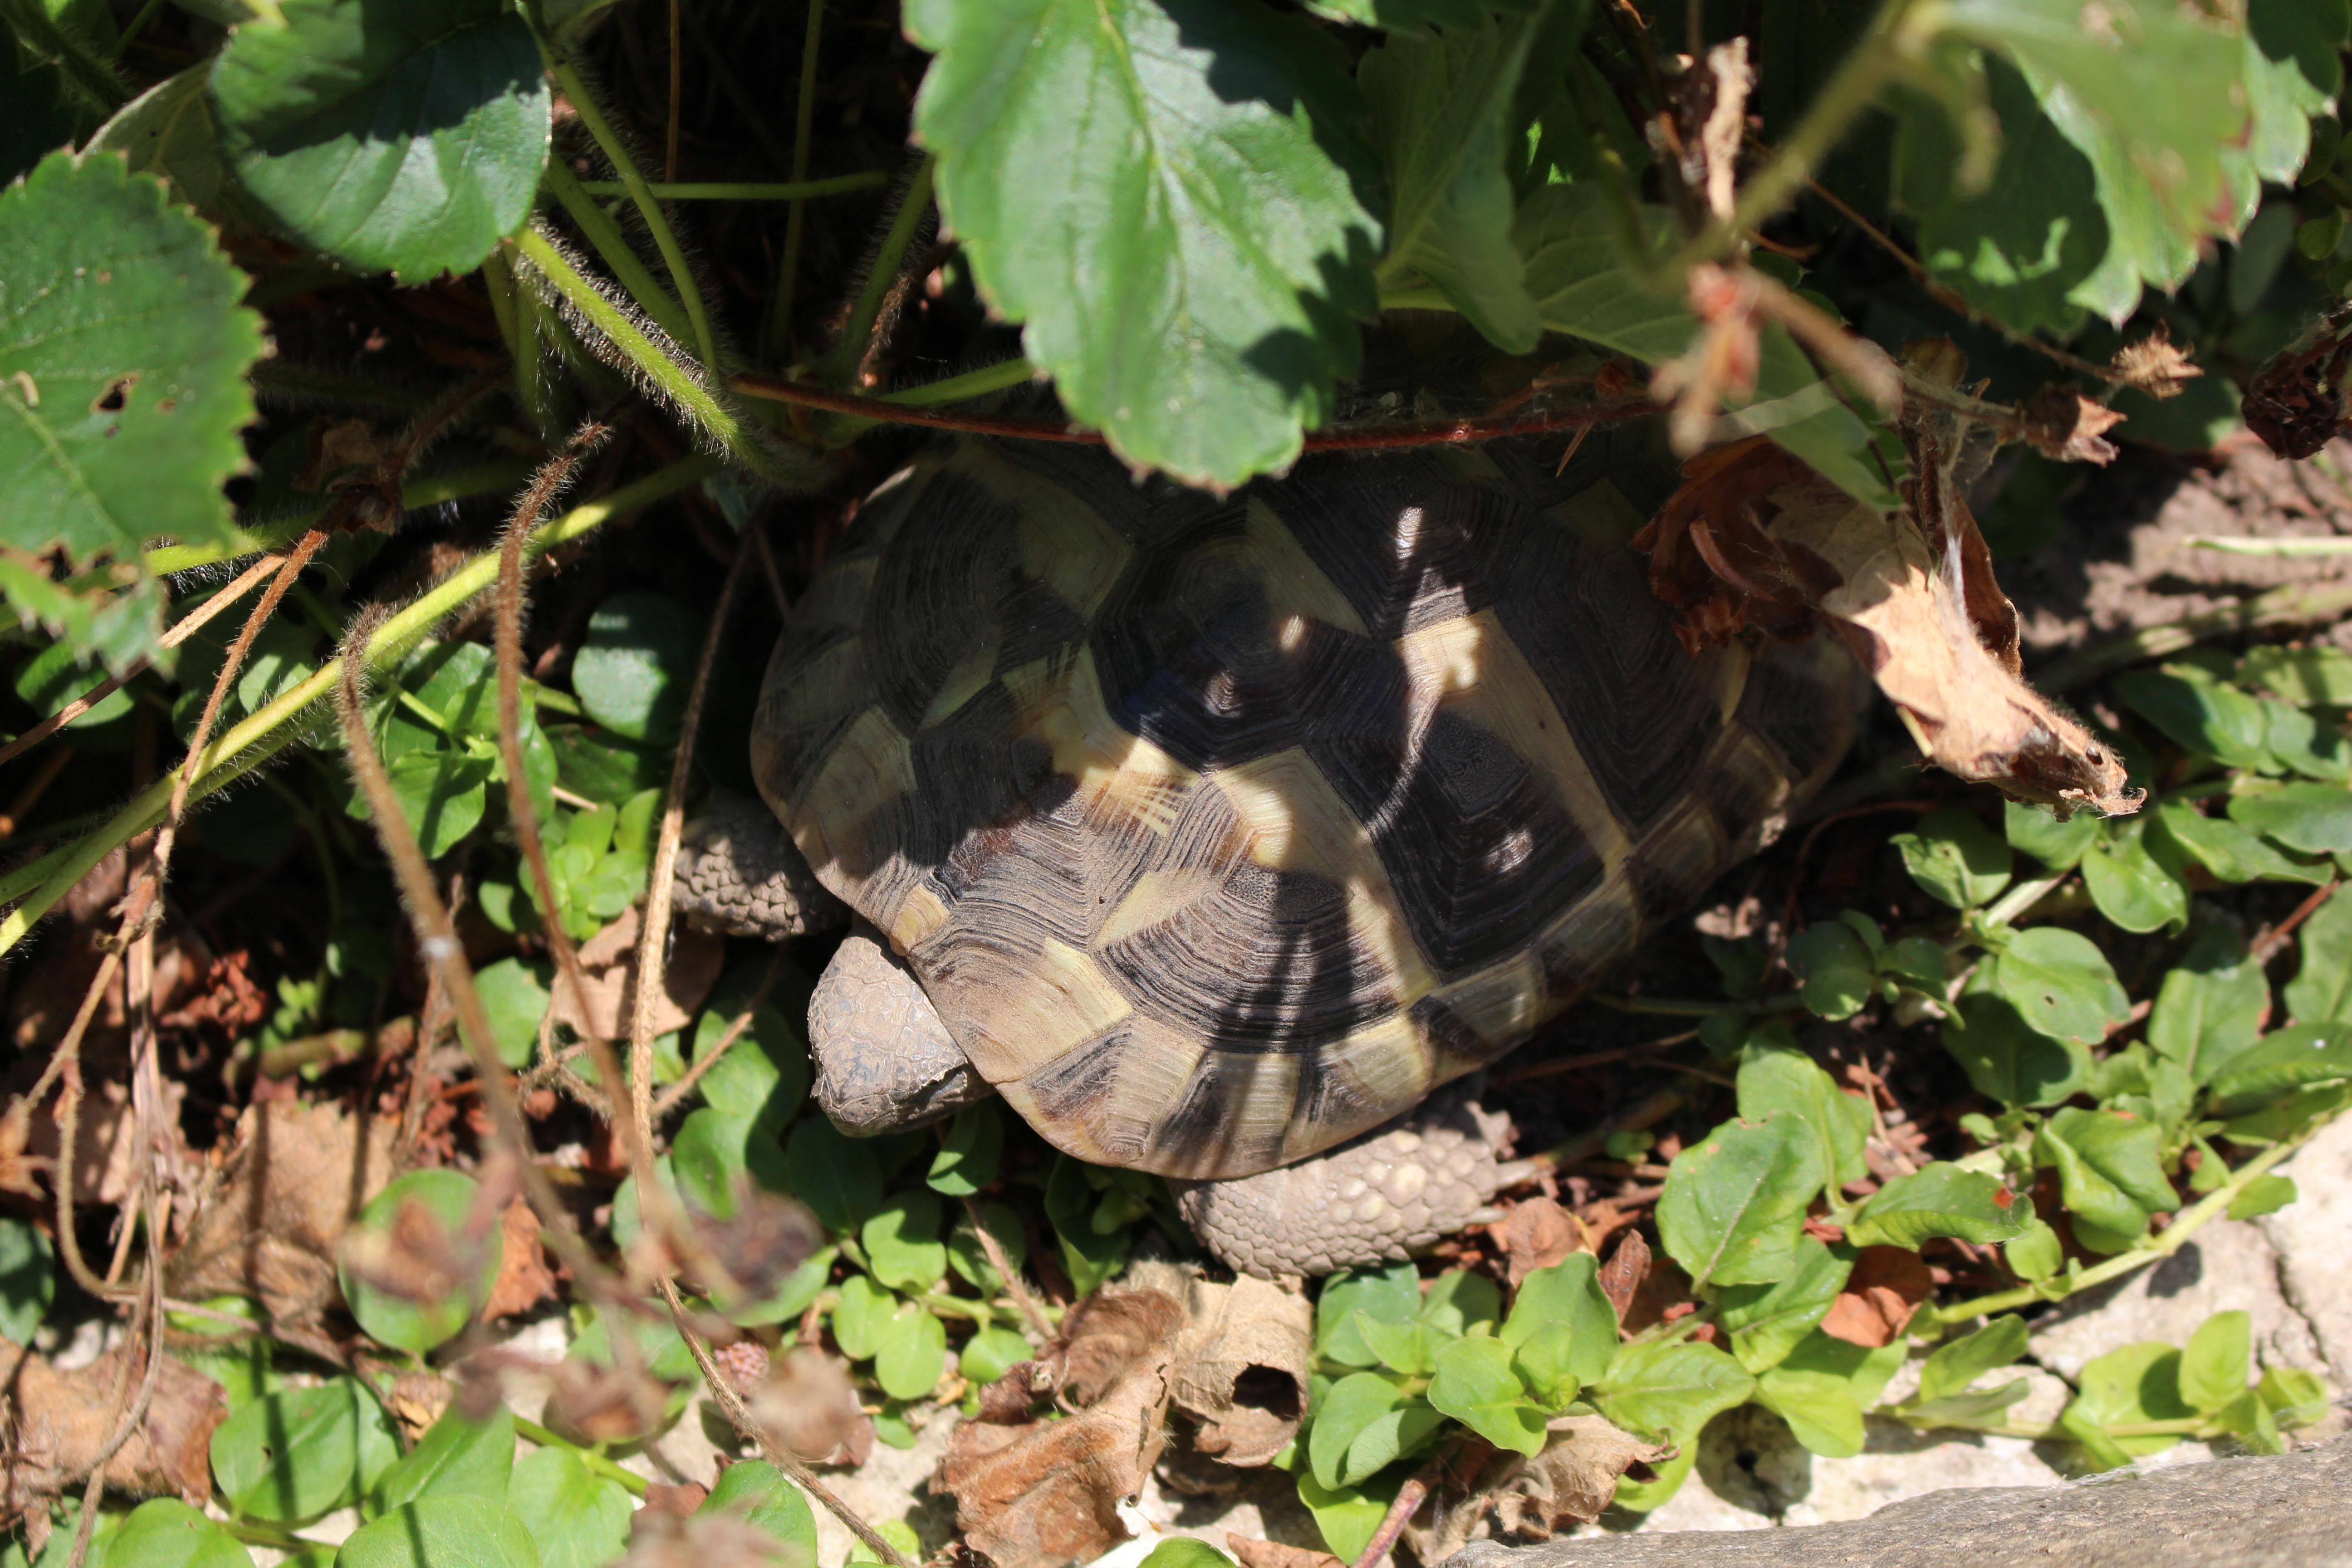 11) Schildkröten sind Einzelgänger, darum habe ich nur eine - Patty ...